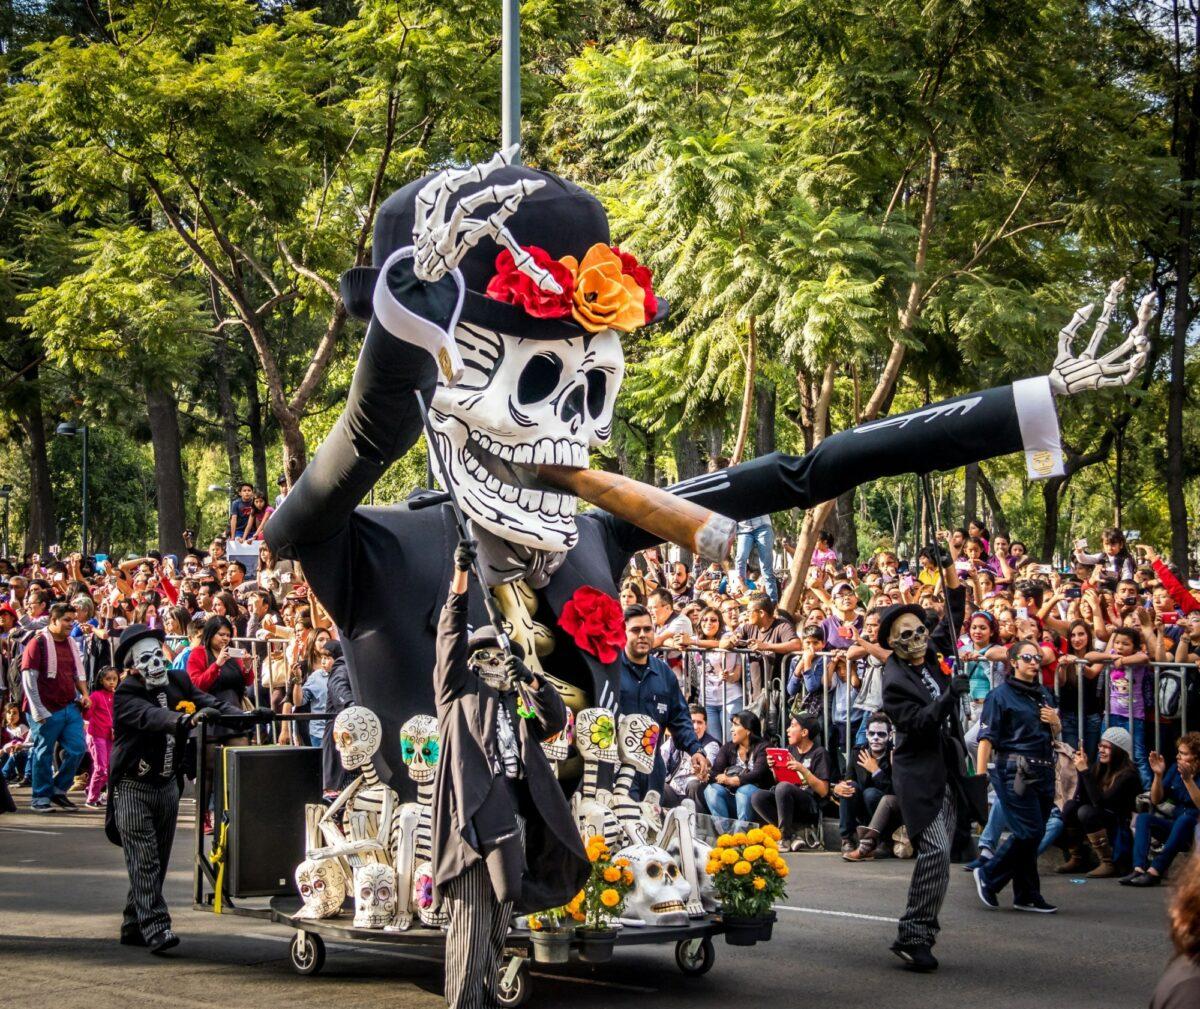 Mexico Mexico city ay of the Dead Dia de los Muertos parade